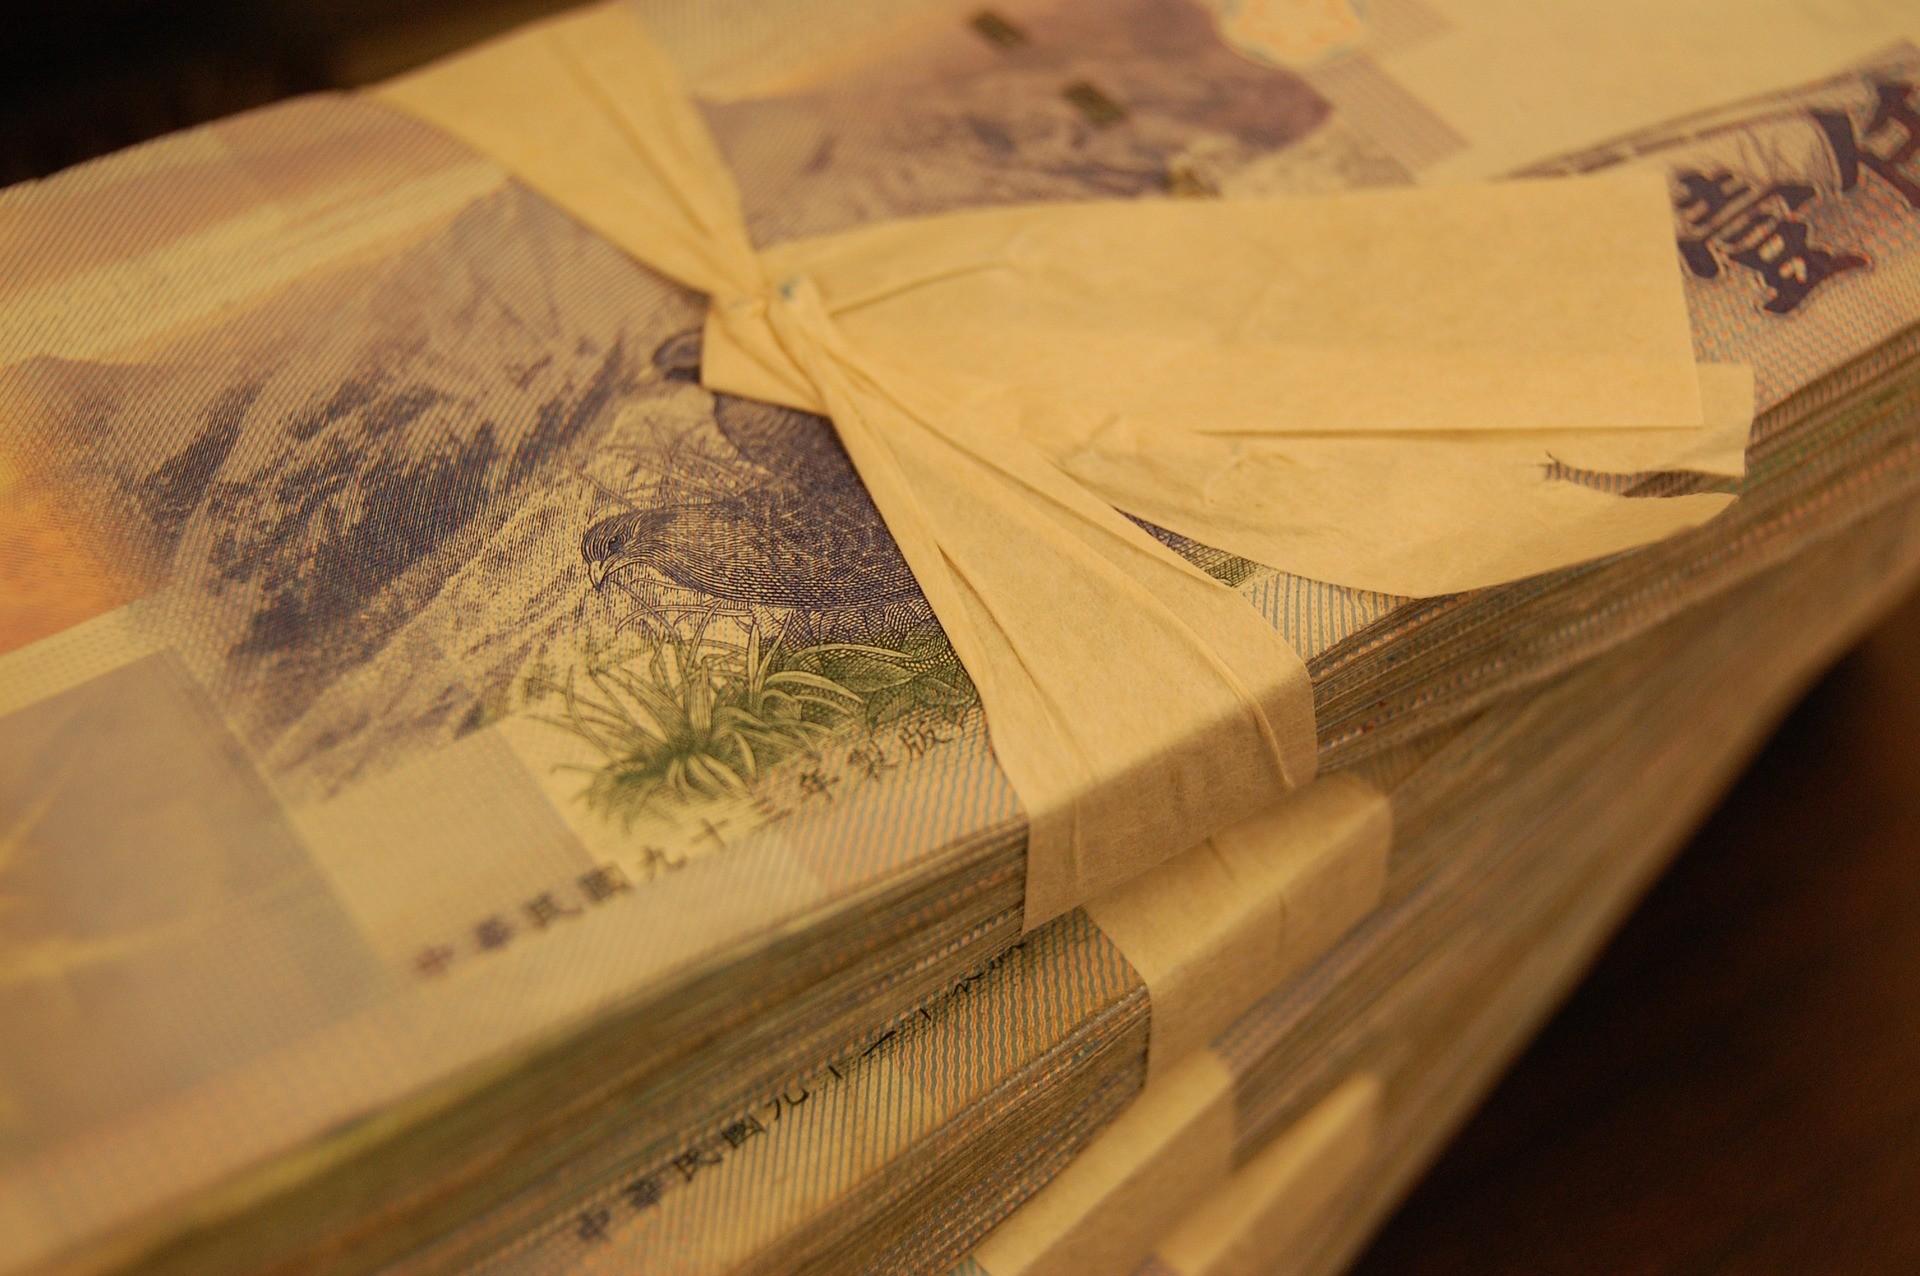 ▲現金。(圖/取自免費圖庫Pixabay)